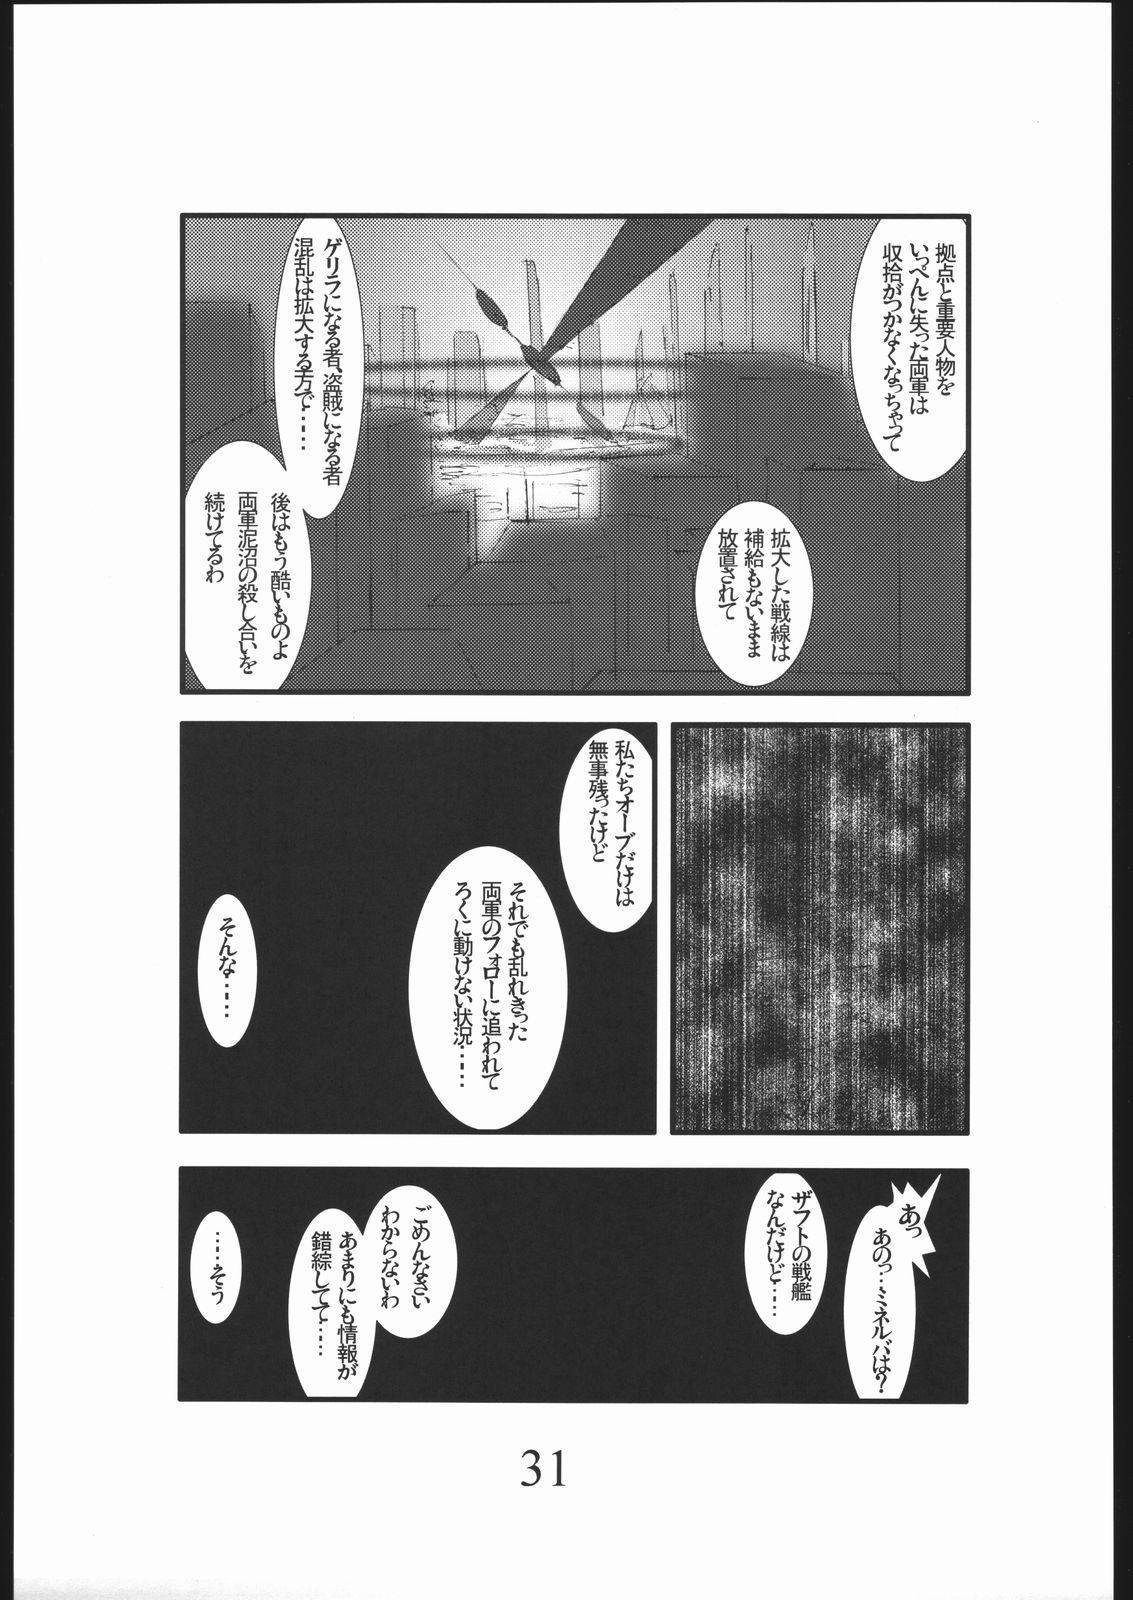 Bouryoku Herushi-bobu 29